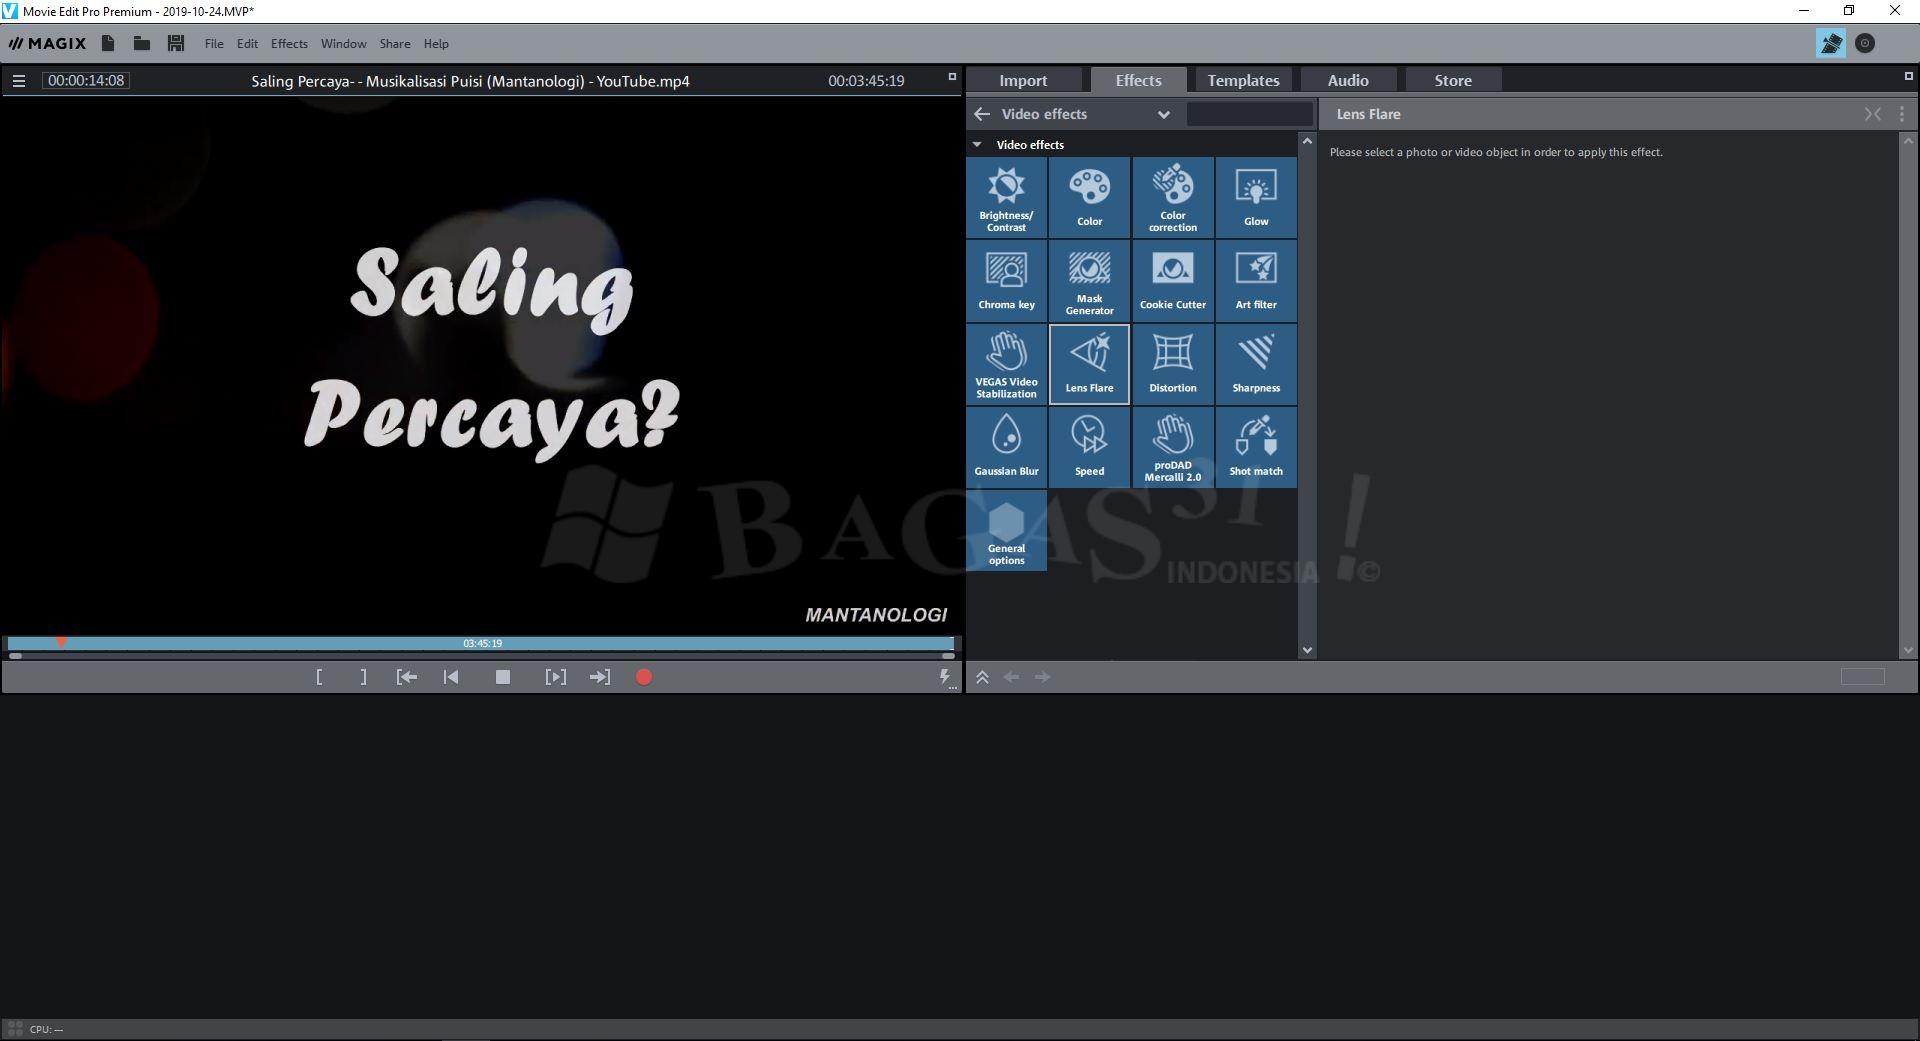 MAGIX Movie Edit Pro 2020 Premium 19.0.1.31 Full Version 4